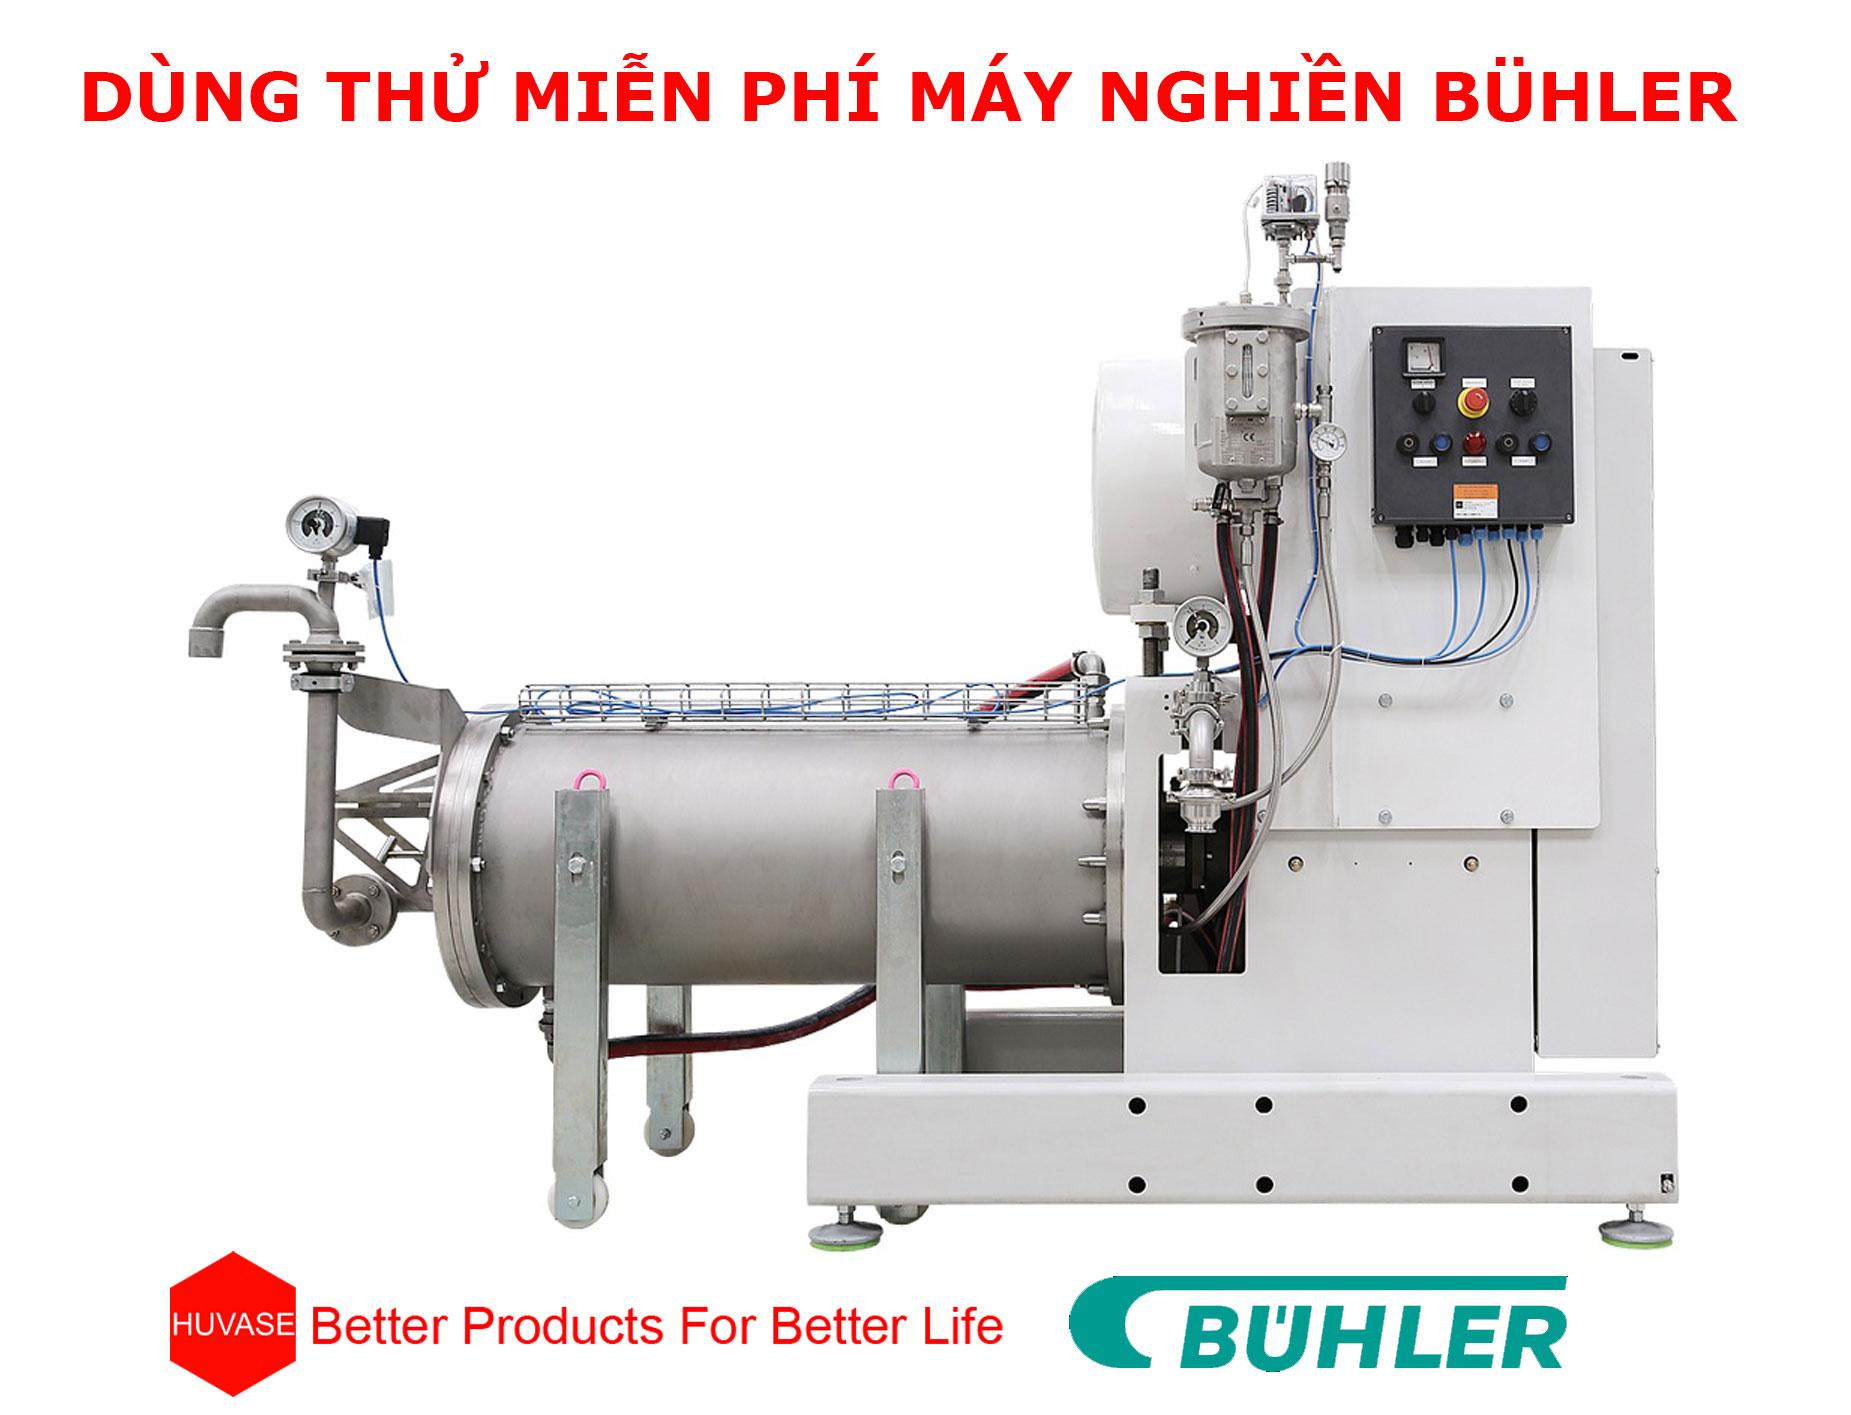 Đăng ký dùng thử miễn phí lên đến 30 ngày cho dòng máy nghiền ngang tốt nhất thế giới - Bühler